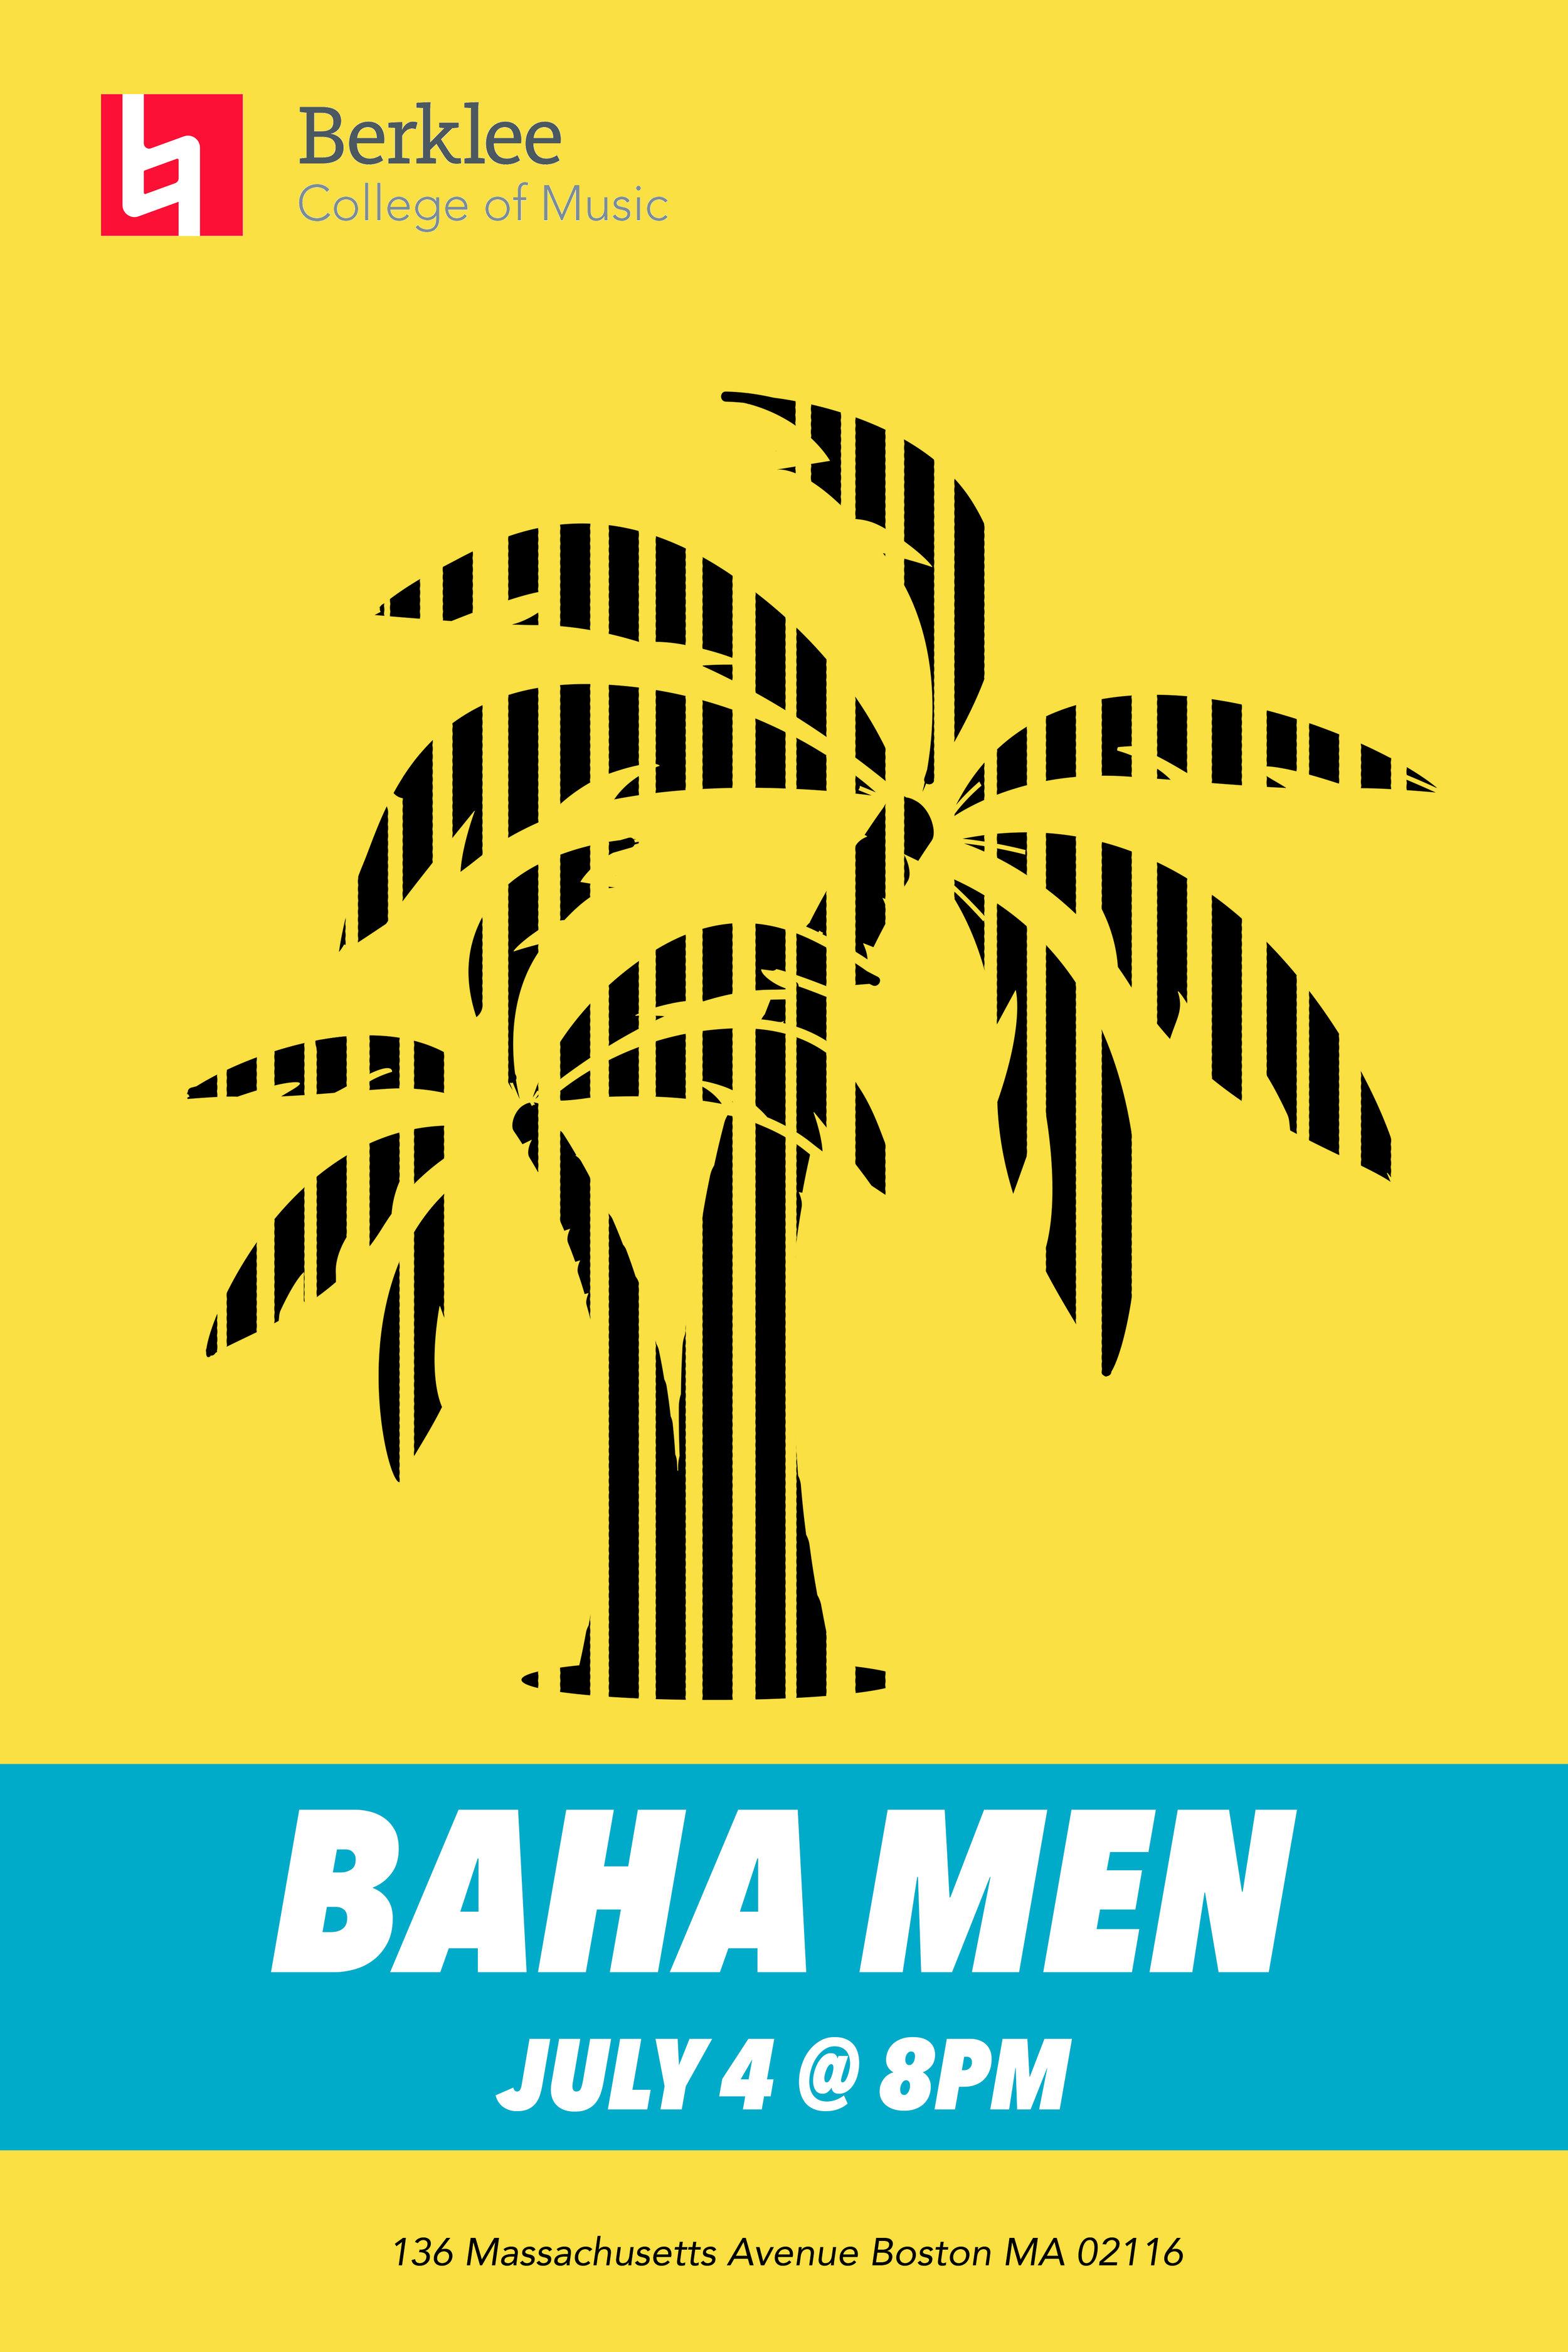 BahaMen_Poster3.jpg